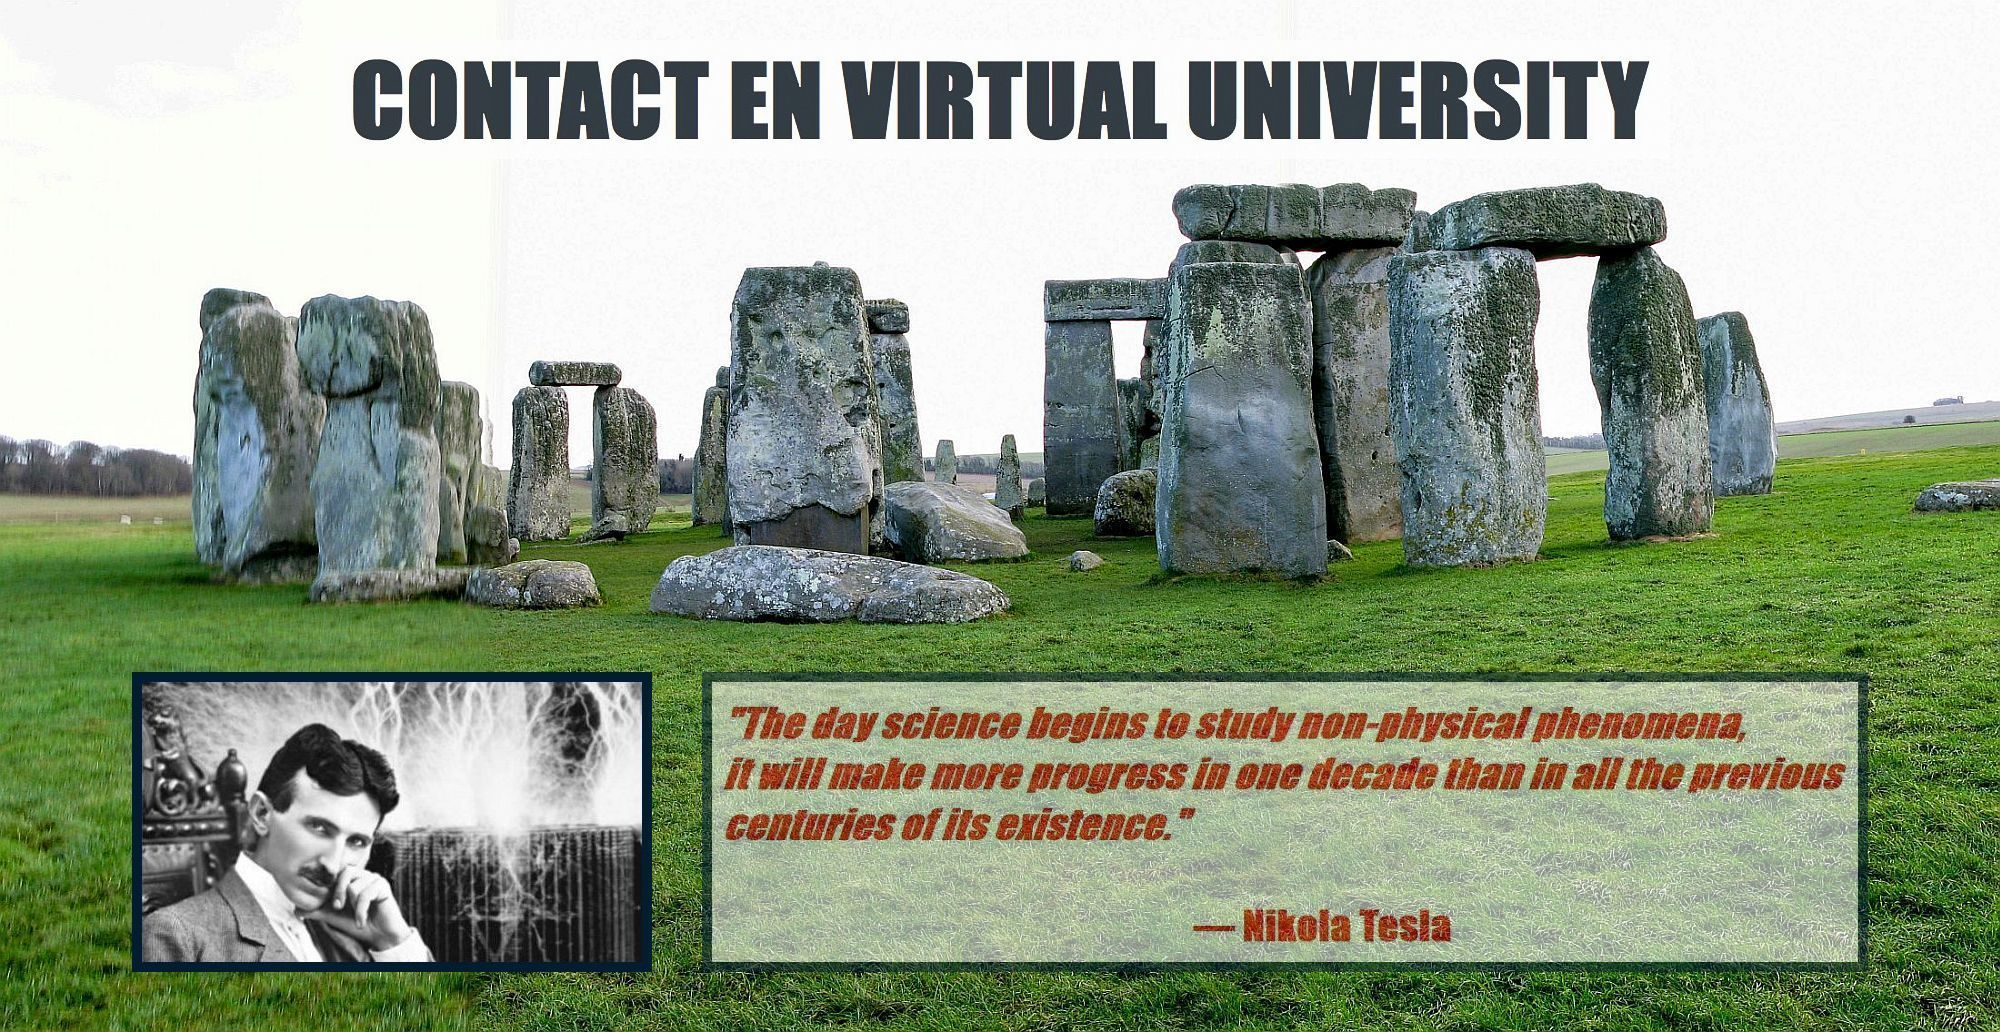 CONTACT-Metaphysical-Education-Organization-University-School-Teachers-Coaching-guide-guidance-guru-2000